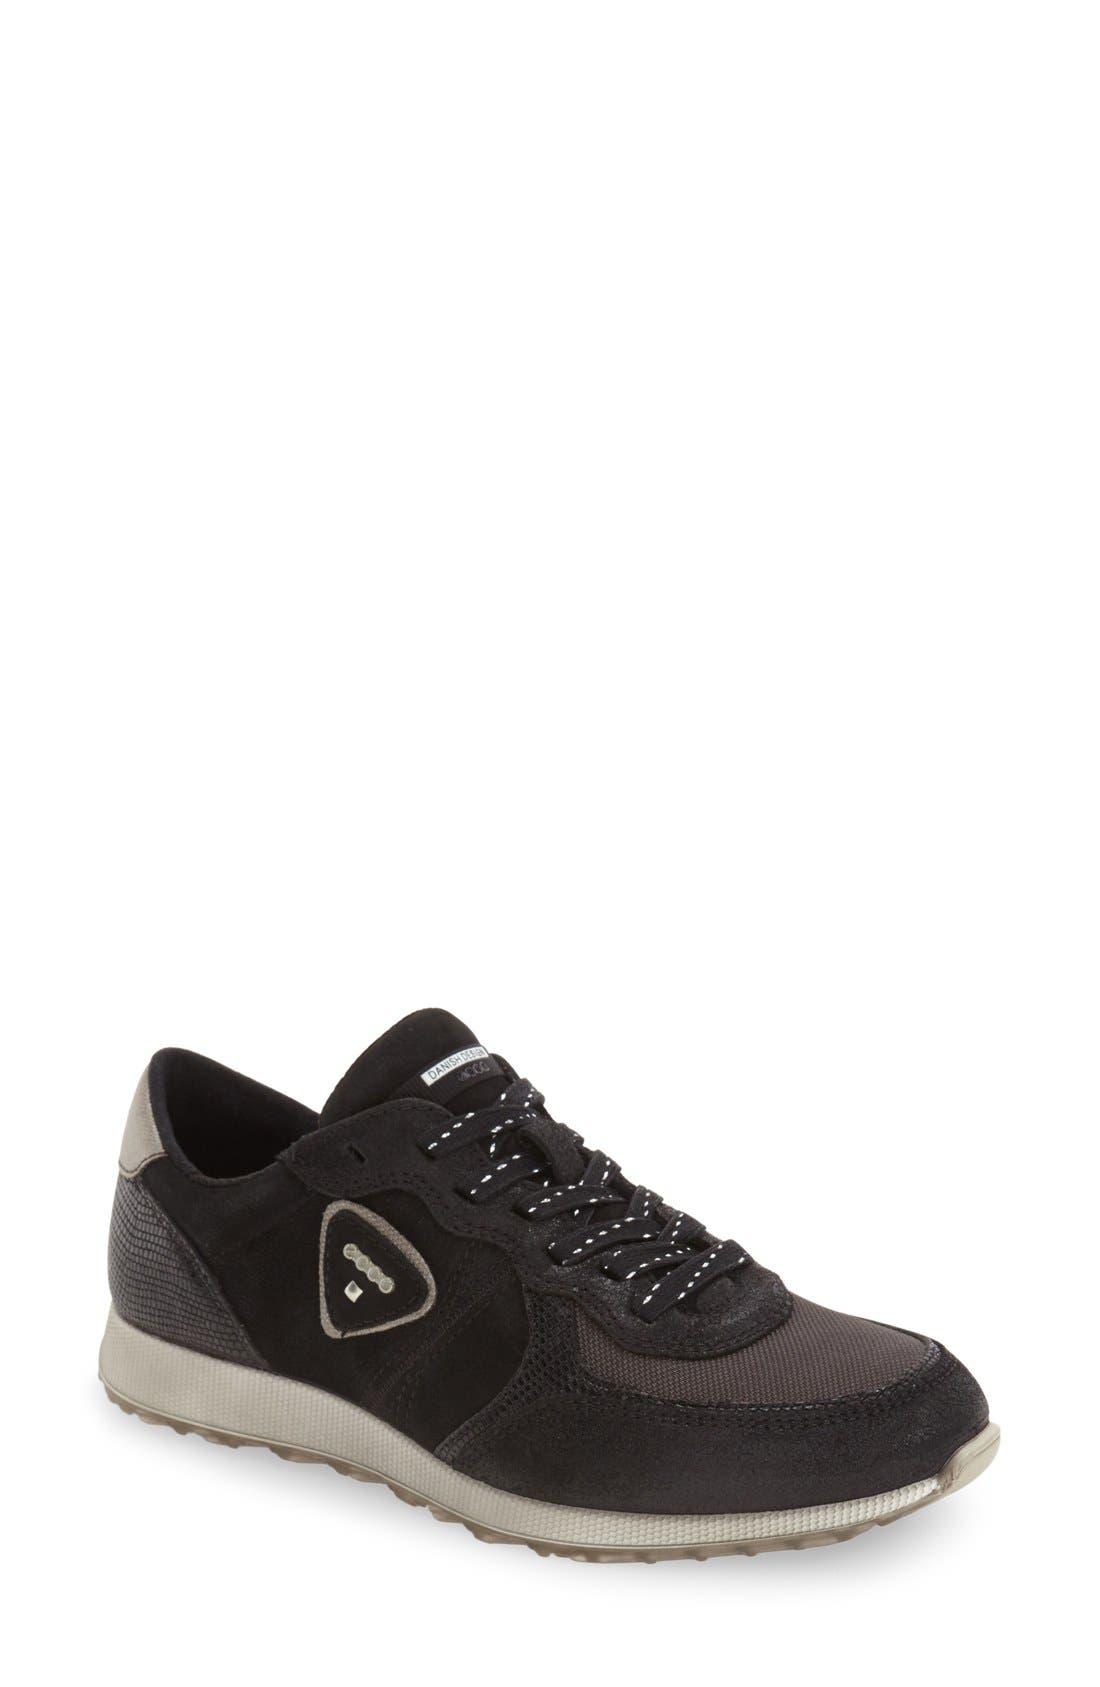 ECCO Retro Sneaker